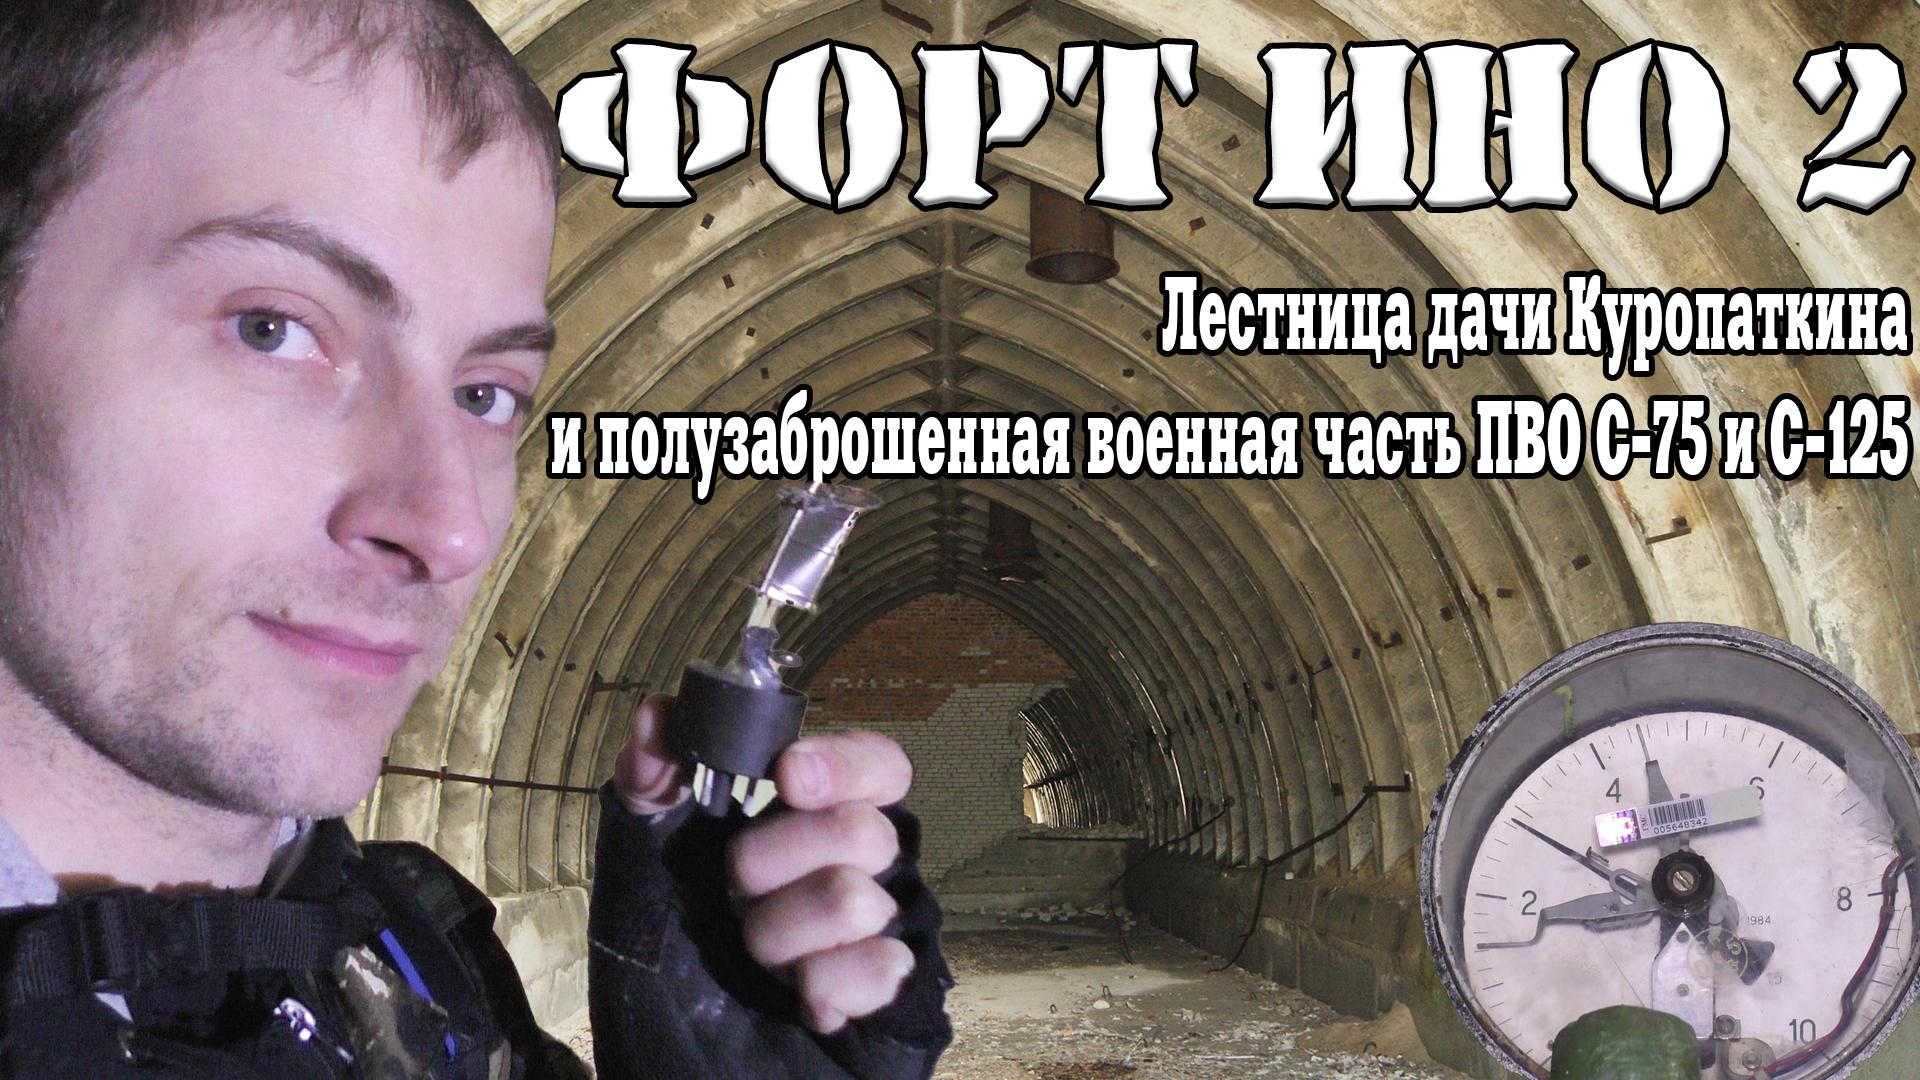 Форт Ино-2. Лестница дачи Куропаткина и полузаброшенная военная часть ПВО. ЗРК С-75 и С-125